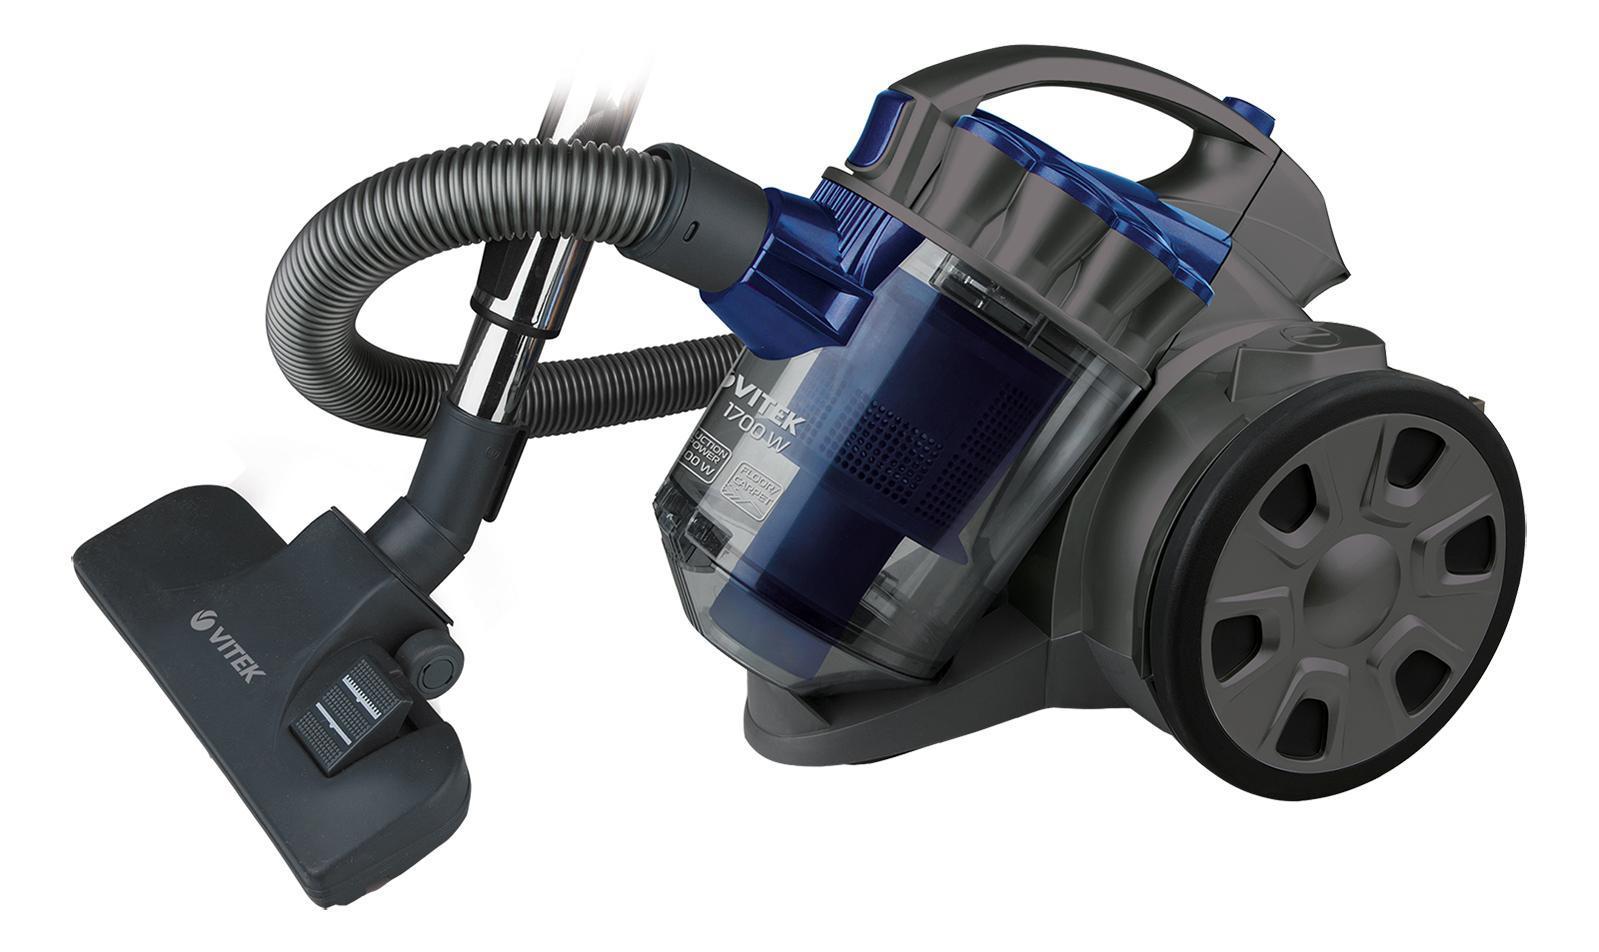 Vitek VT-1895(B) пылесосVT-1895(B)Пылесос Vitek VT-1895 станет настоящим подспорьем, если вы планируете генеральную уборку дома. Такой пылесос с мощностью 1700 Вт и мощностью всасывания 300 Вт оснащен уникальной системойHEPA-фильтров, которая эффективно борется за идеальную чистоту в вашем доме: благодаря 5-ступенчатой системе фильтрации пылесос задерживает споры, пепел, пыльцу, бактерии и микроскопические частички пыли размером от 0,3 мкм и больше. Это особенно важно, когда в доме есть дети и люди, страдающие аллергией или астмой: такая тщательная уборка позволяет избежать раздражений органов дыхания.Пылесос VT-1895обеспечен пылесборником емкостью 2 л. В данной модели пылесоса для вашего удобства предусмотрена функцияавтоматического сматывания шнура. Работа с пылесосом особенно удобна благодаря стальной телескопической трубке, которую можно легко настроить на нужную длину и зафиксировать в таком положении. В комплект пылесоса VT-1895 также входят насадки для чистки различных поверхностей: универсальная щетка с переключателем «пол/ковер», щелевая насадка для труднодоступных мест, щетка для чистки мягкой мебели и щетка для пыли. Все это поможет эффективно и быстро справиться с любым типом уборки!